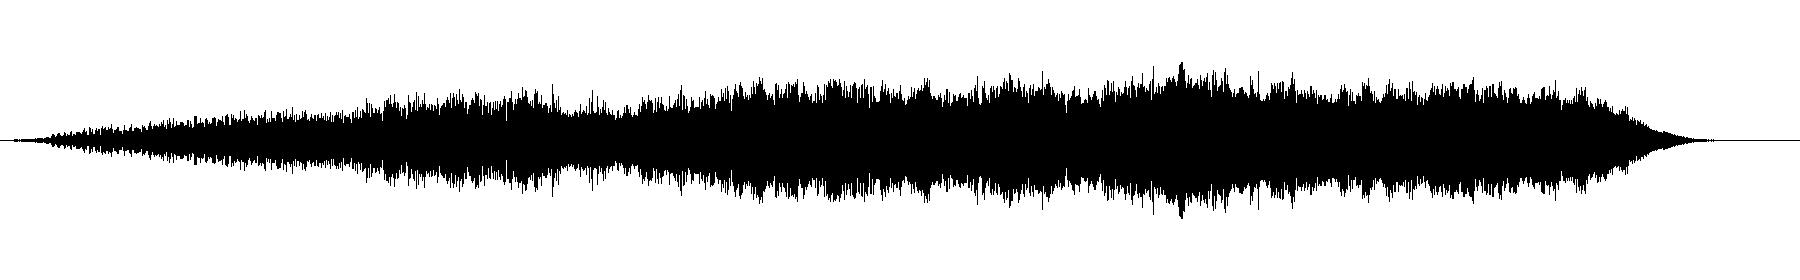 str glissoct 08 xc